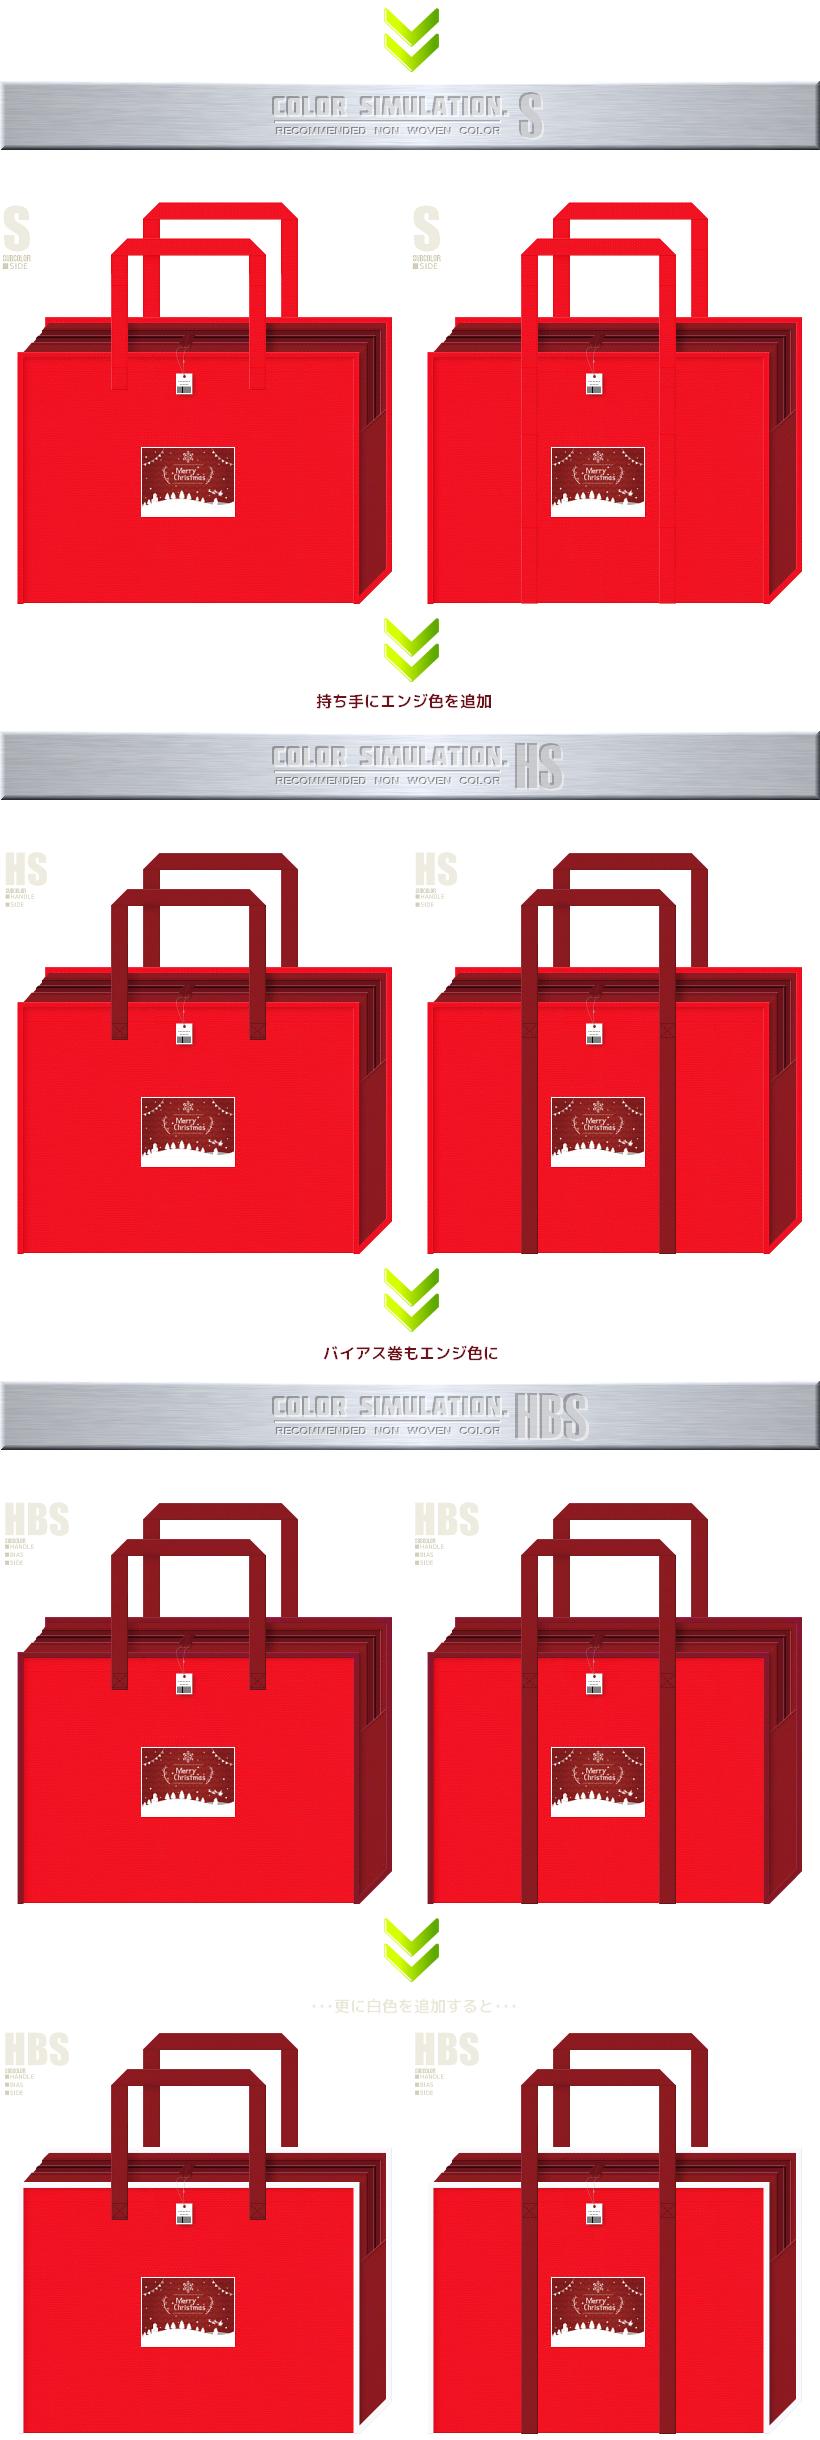 赤色とエンジ色と白色の不織布を使用した不織布バッグのデザイン:クリスマスセールのショッピングバッグのカラーシミュレート